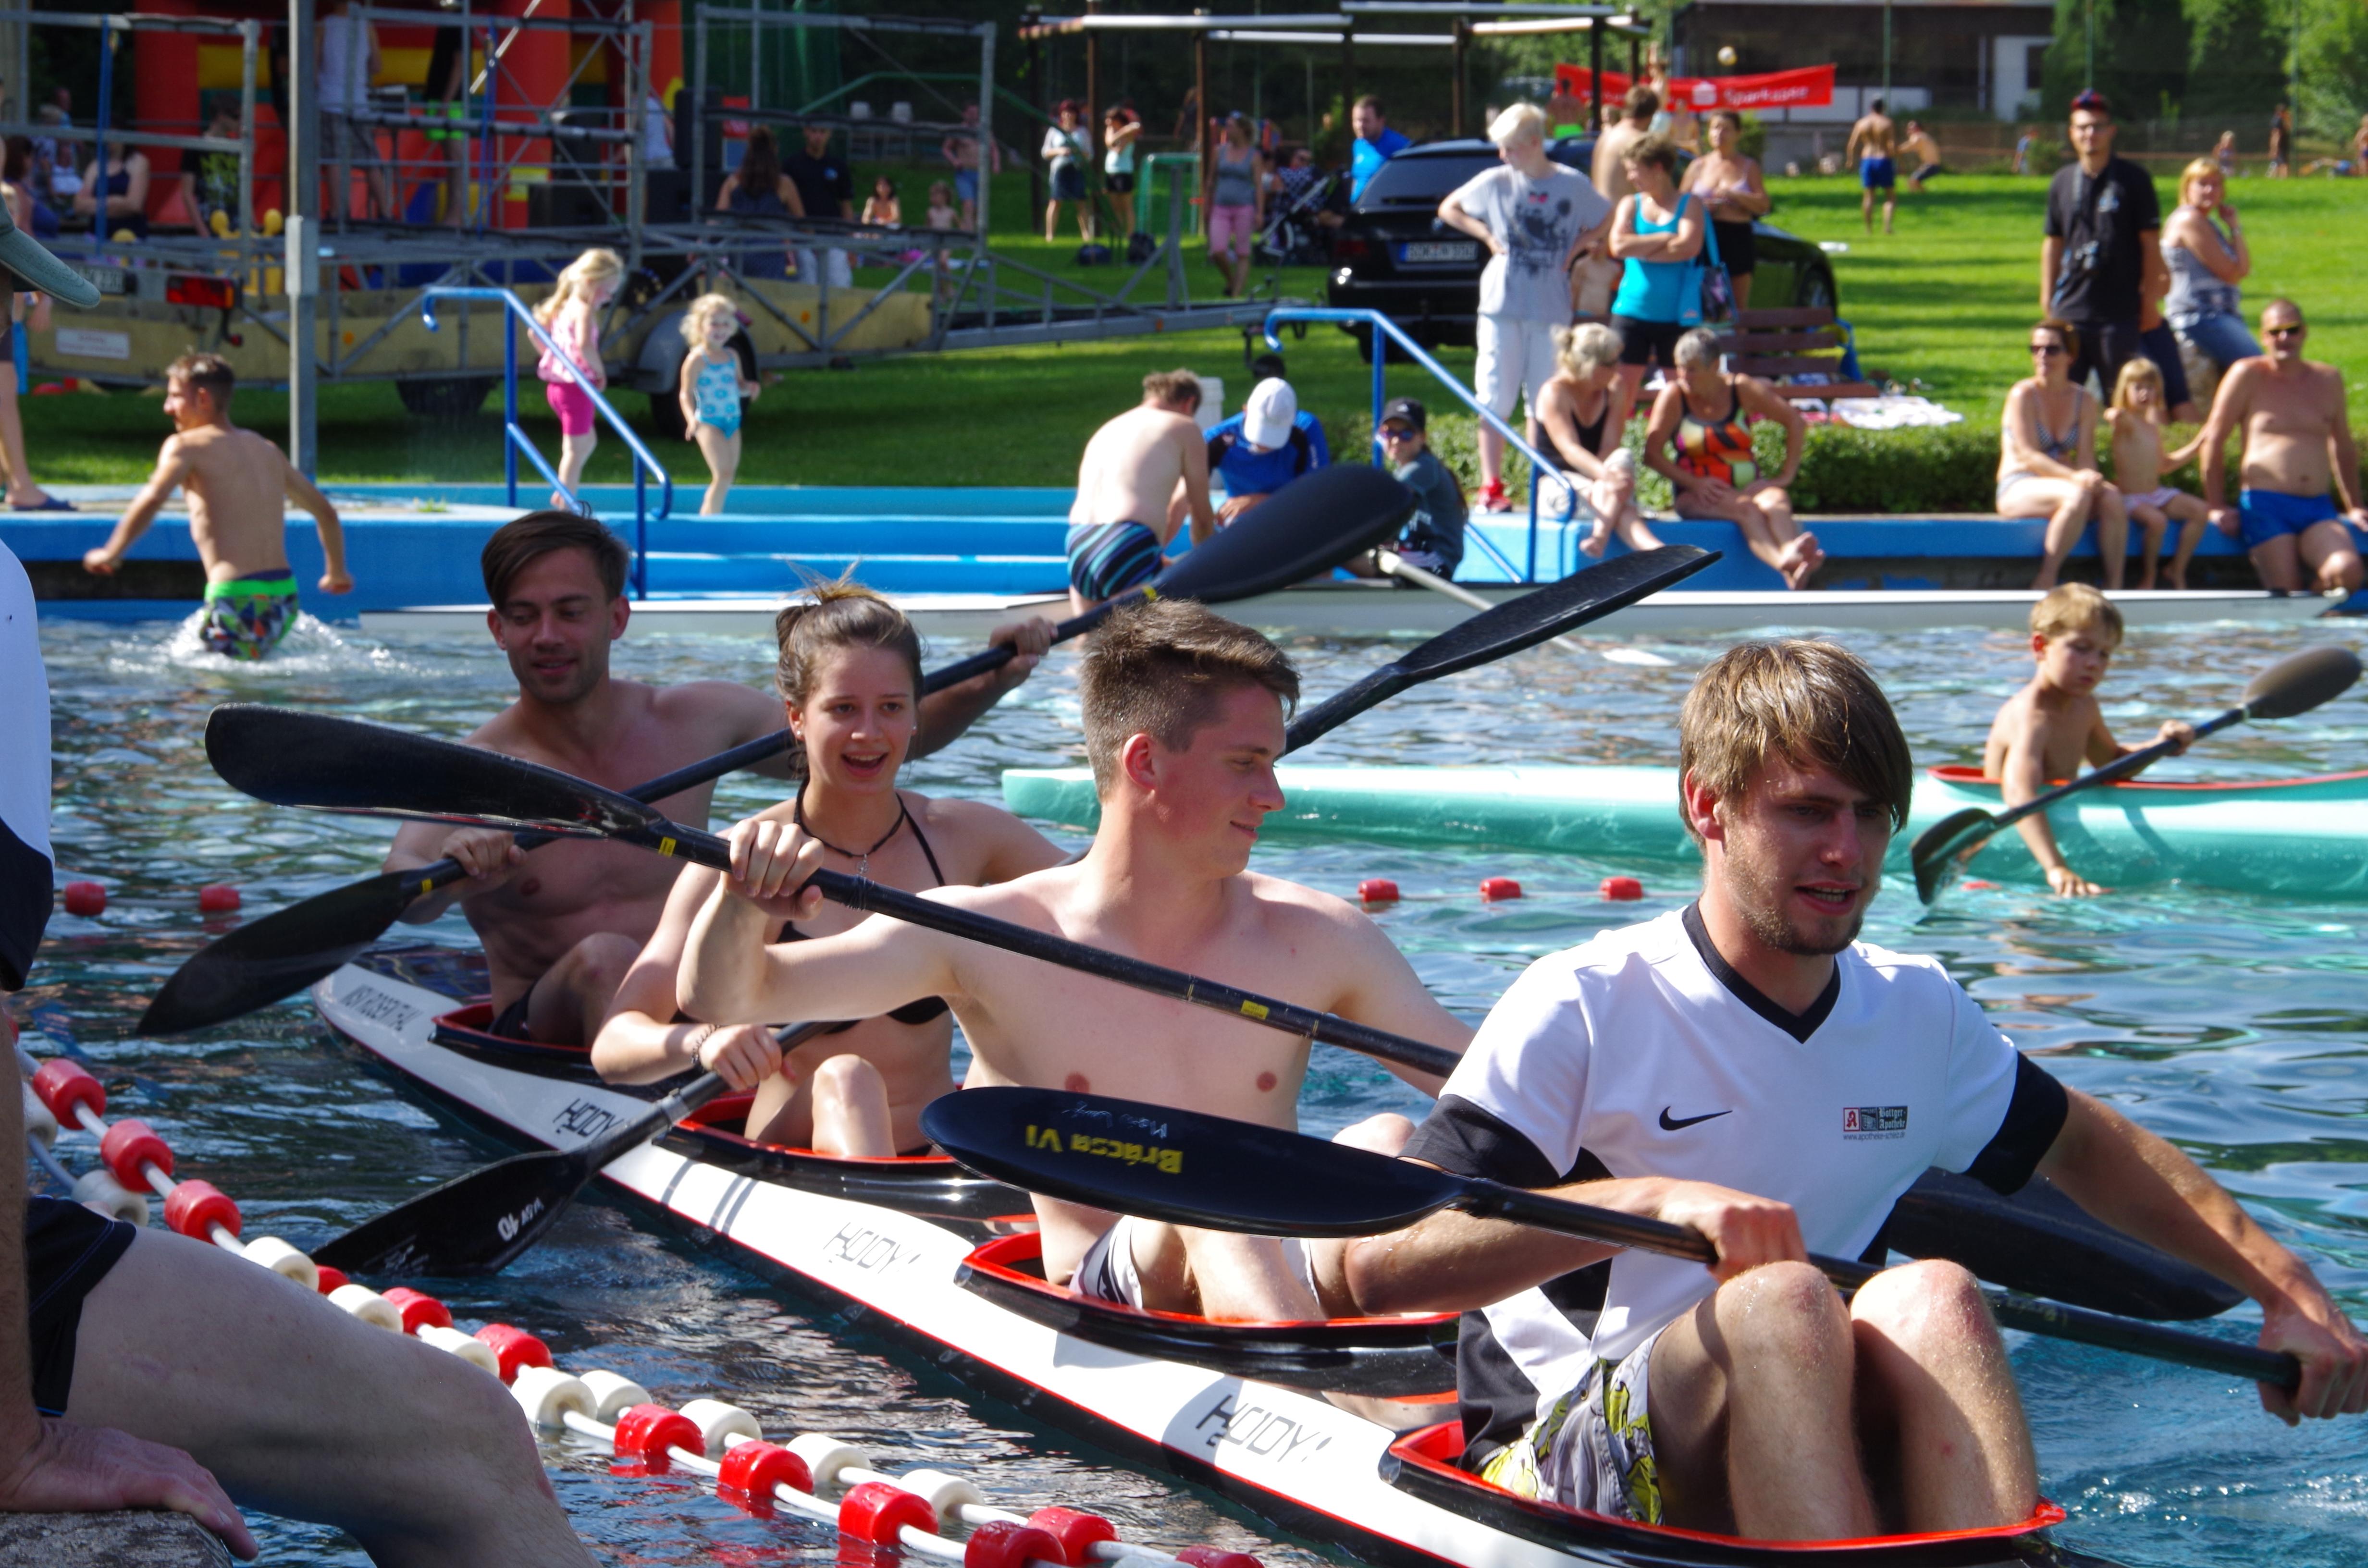 2017-07-30-LBS_6285-Bad Lobenstein, Gruppe, Kosel, Remmert, Sport, Tag der Vereine, Waldbad, WSV Rosenthal